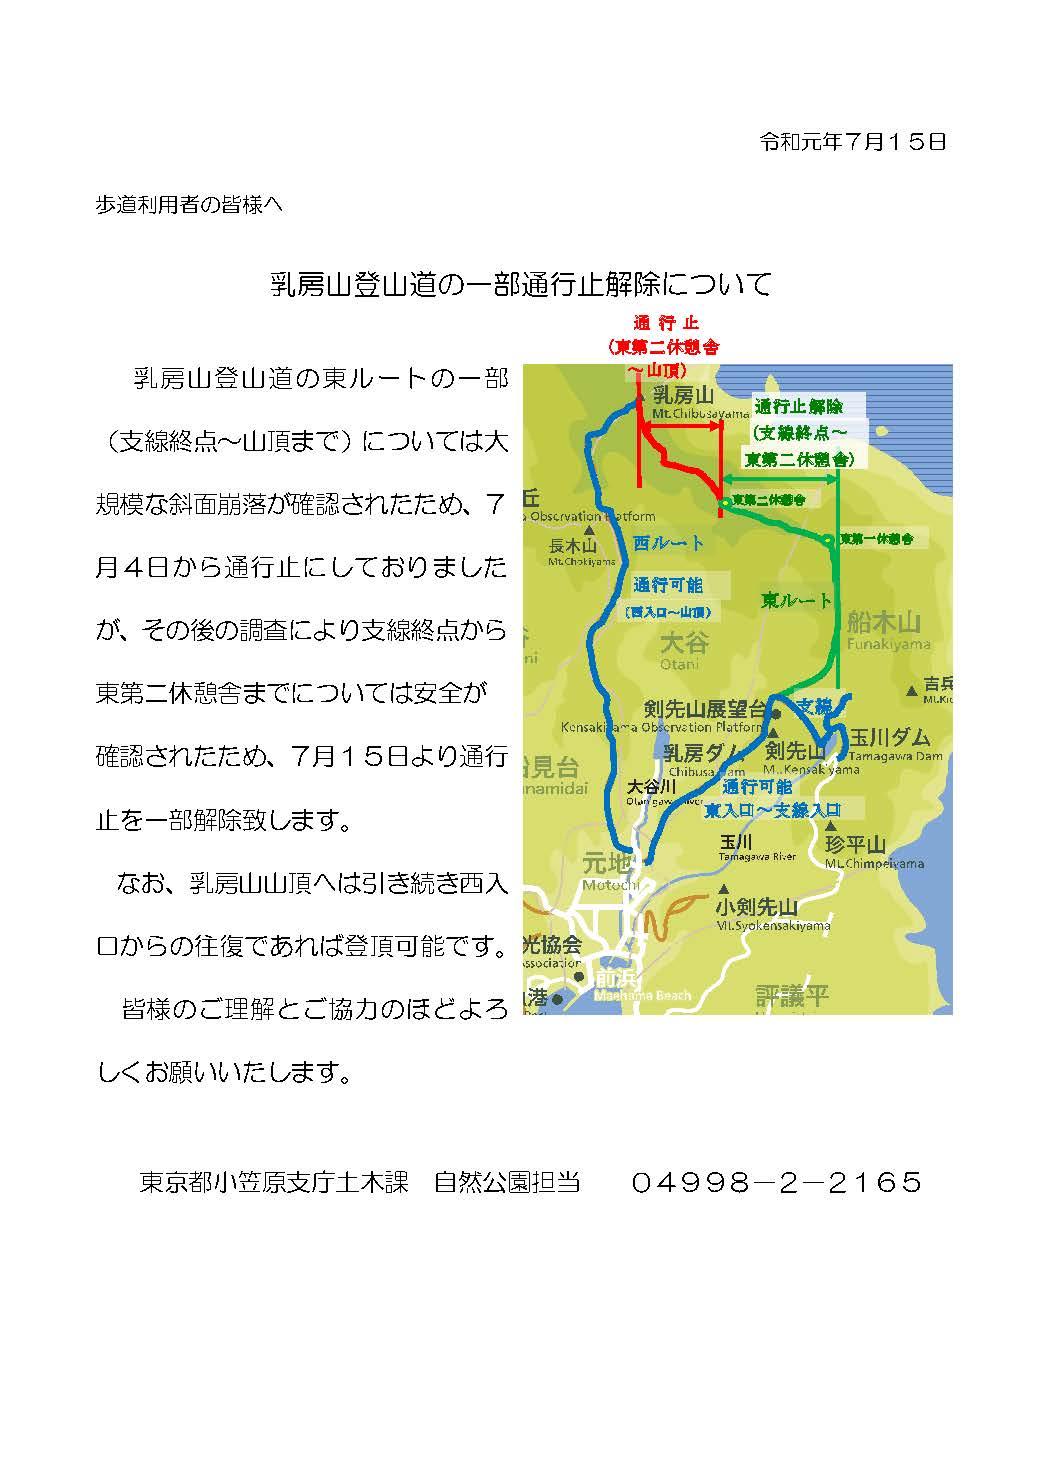 乳房山登山道の一部通行止めについて(7/15更新)